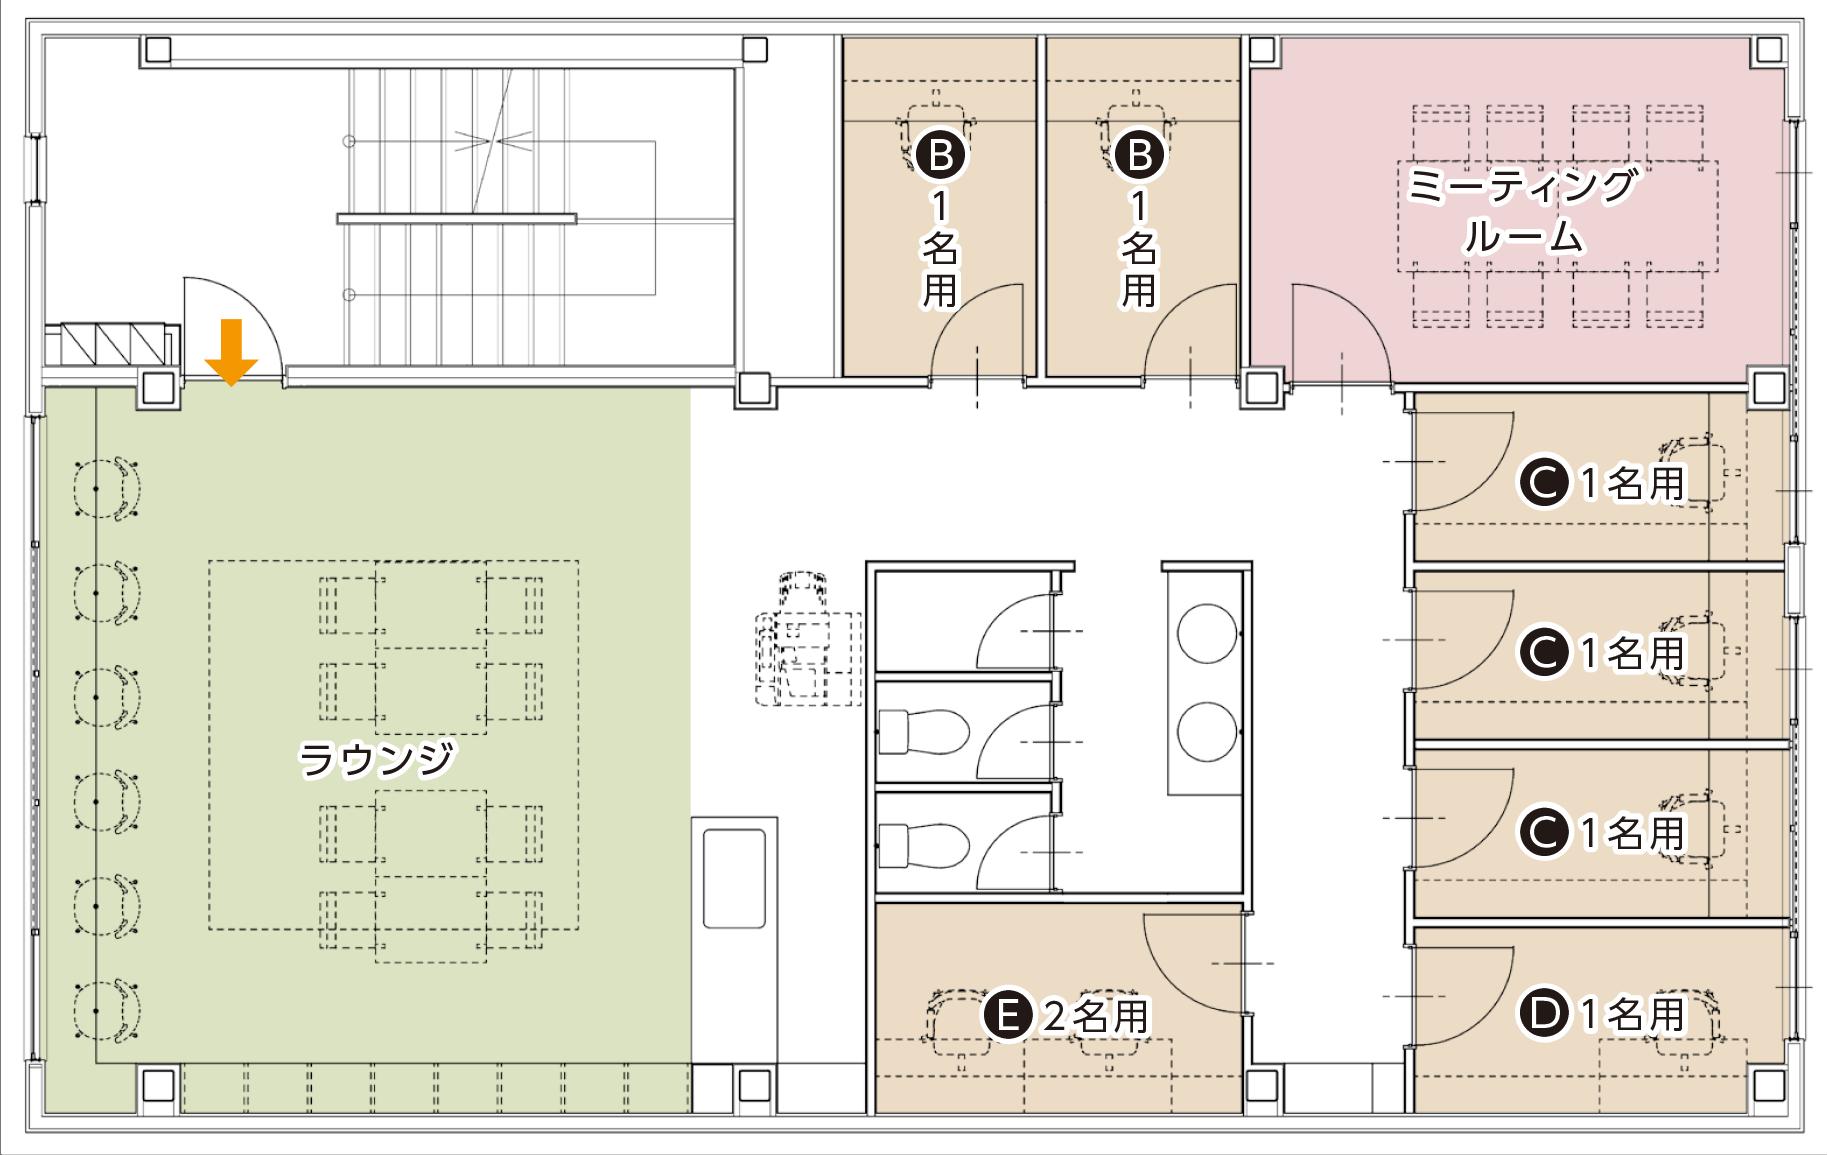 レンタルスペース2Fフロアマップ